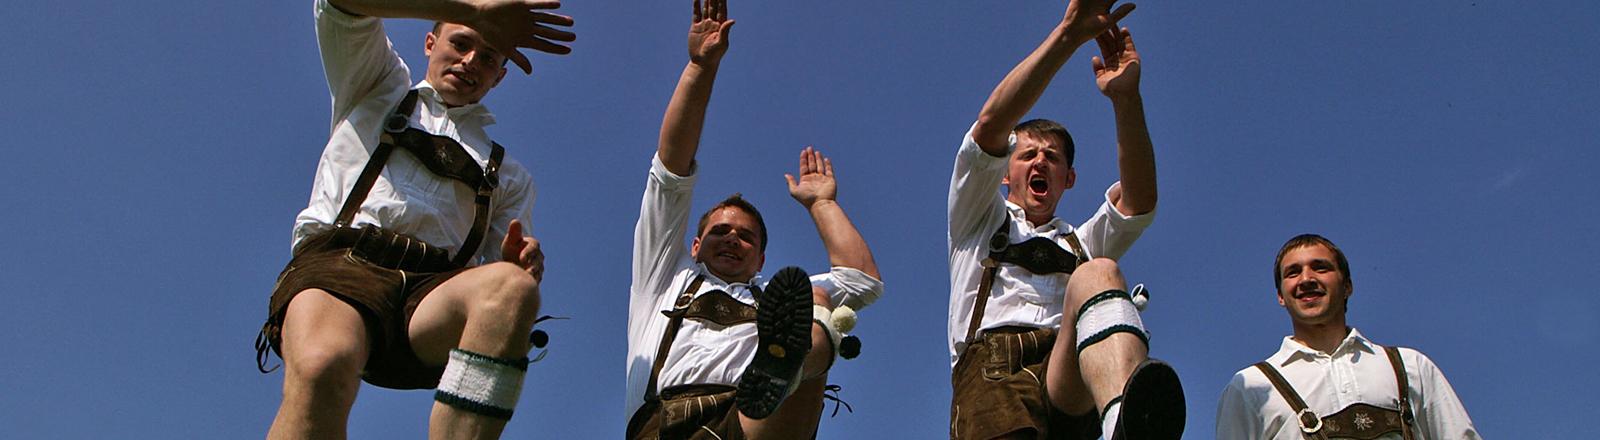 Vier Männer in Lederhosen und weißen Hemden springen in die Luft und reißen die Arme in die Höhe.